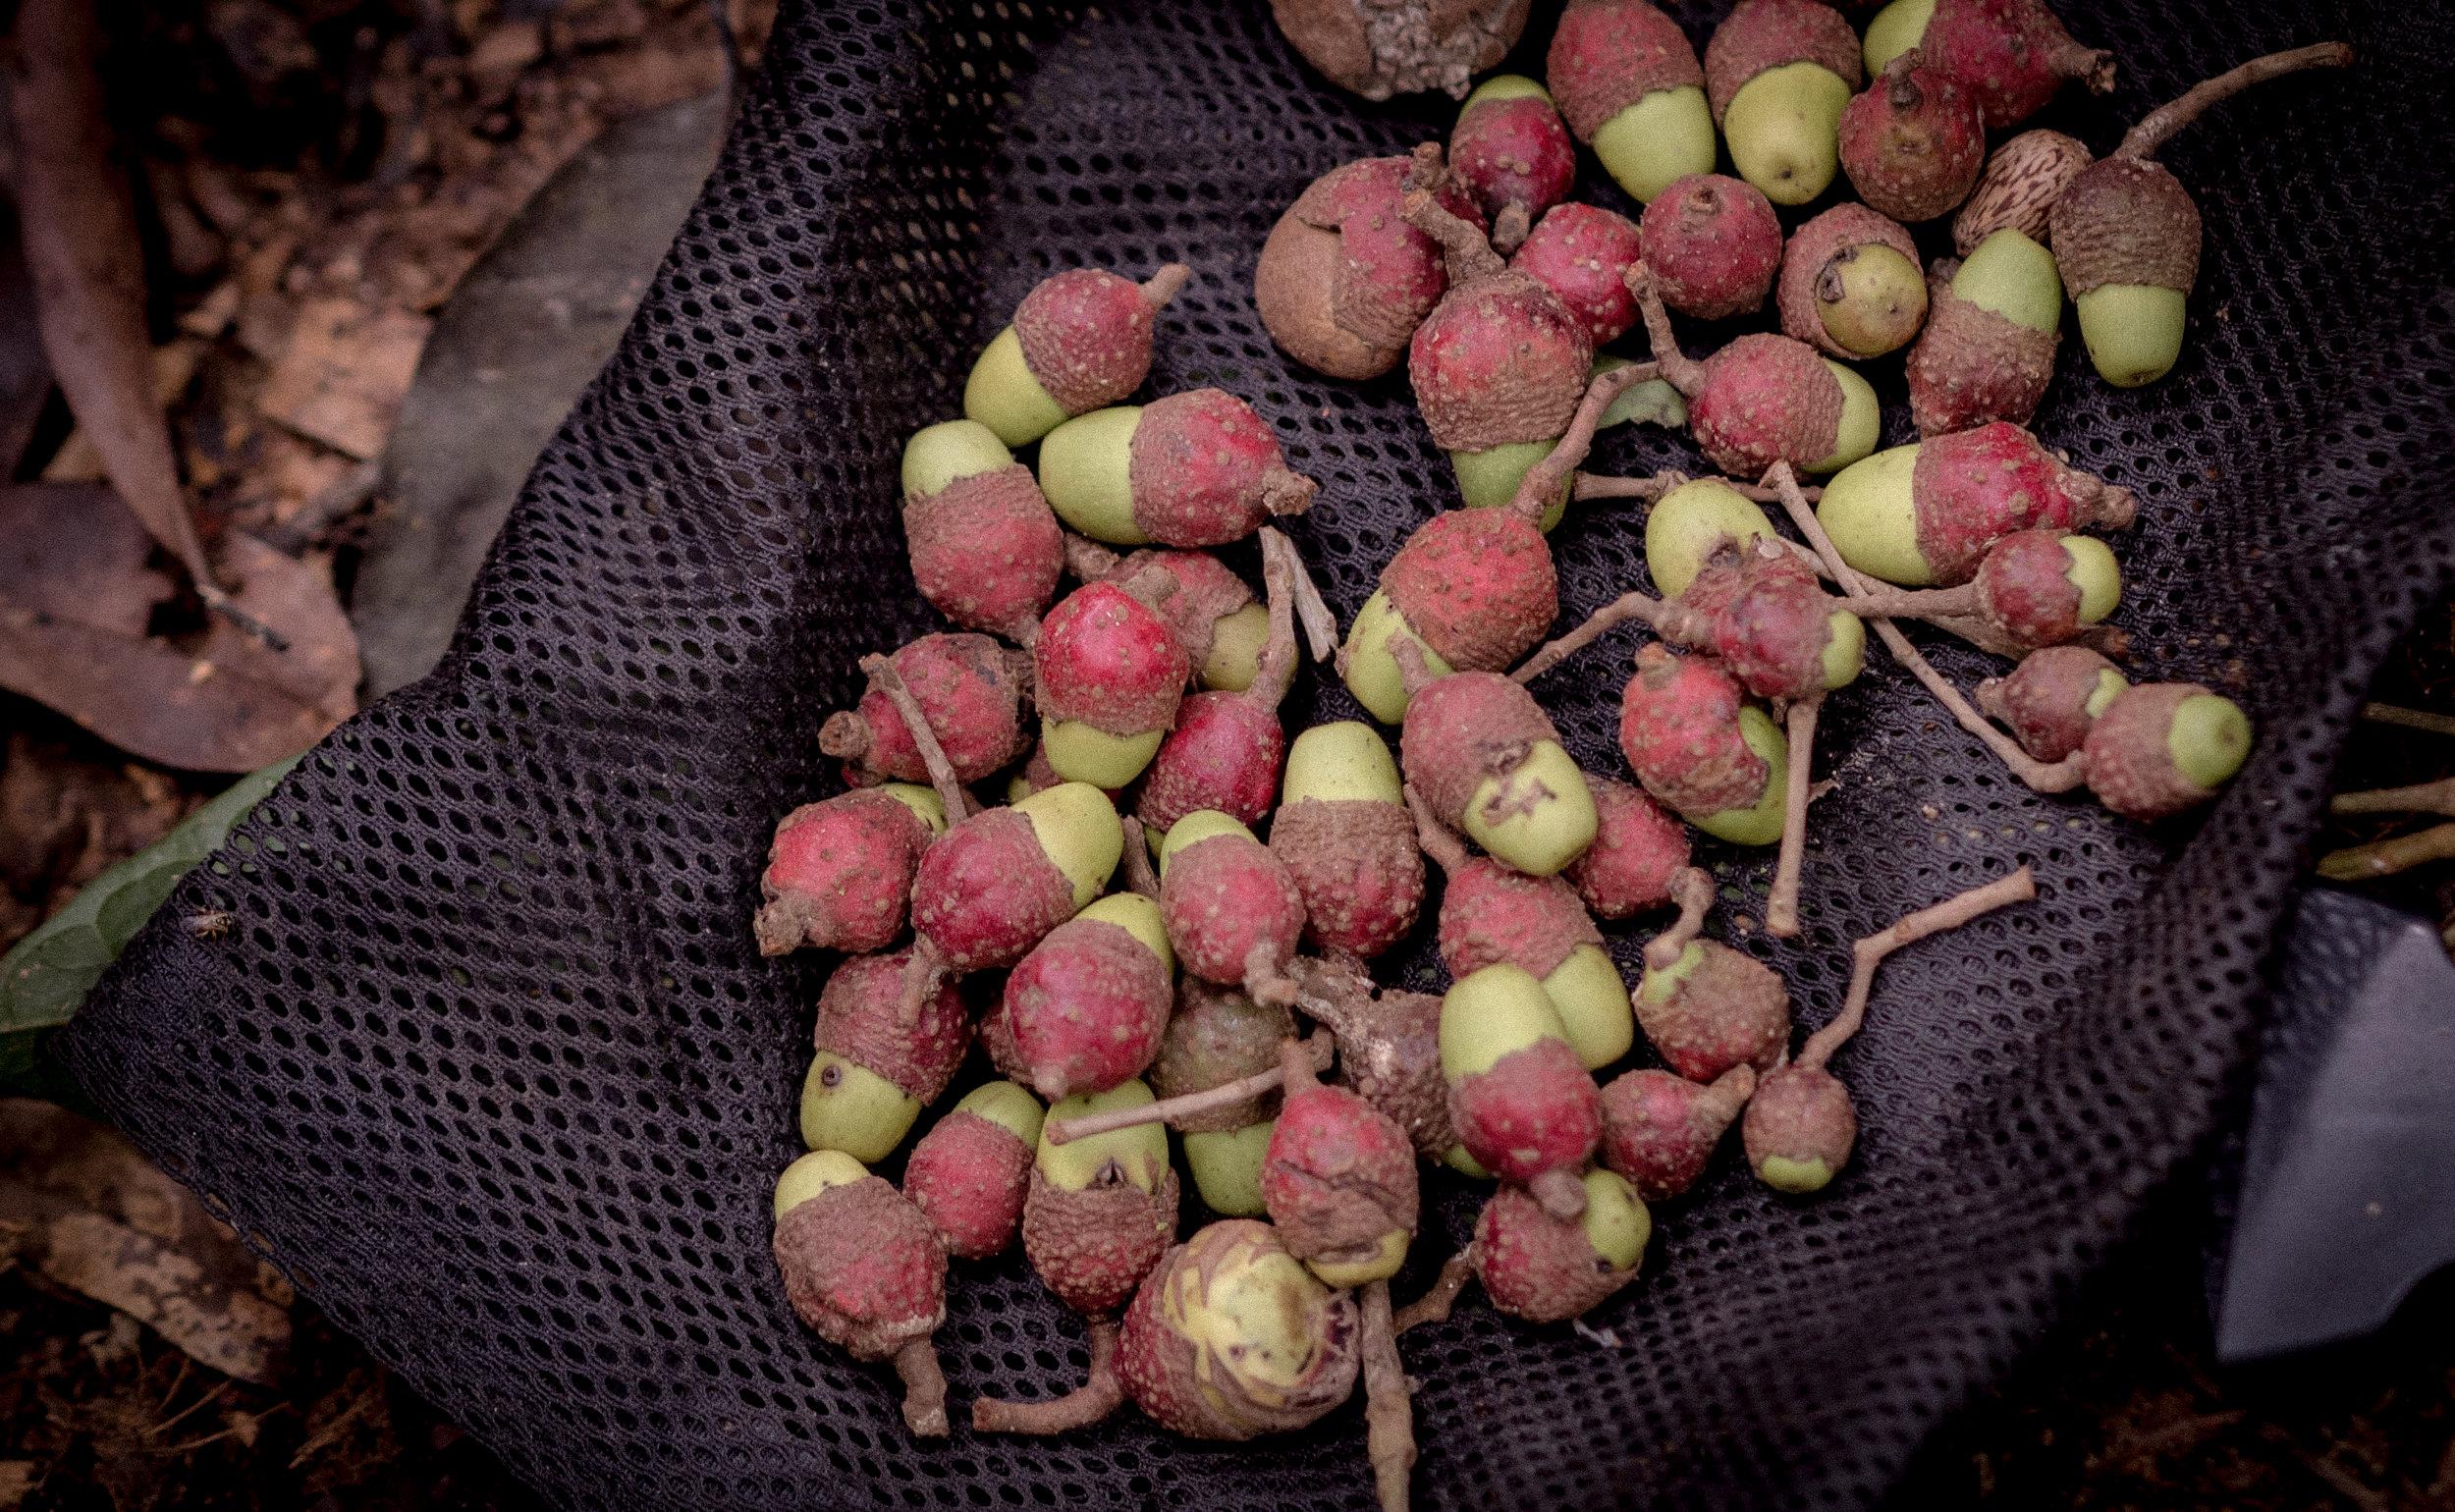 Canelón seeds